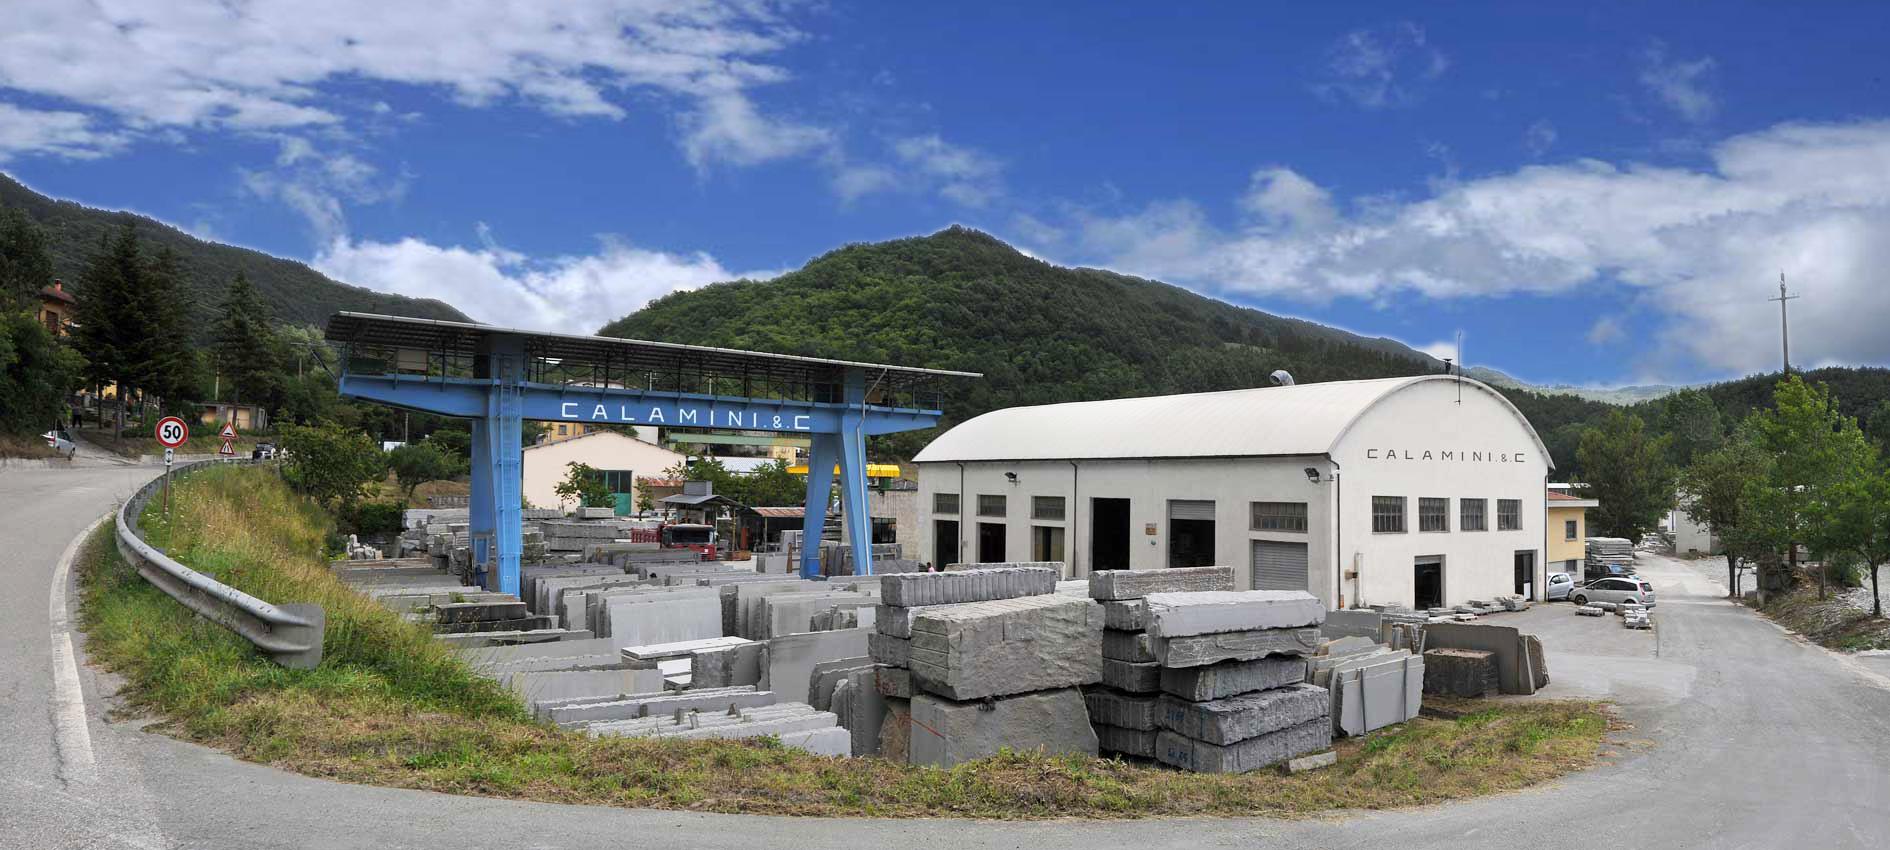 calamini azienda di estrazione e lavorazione della pietra serena